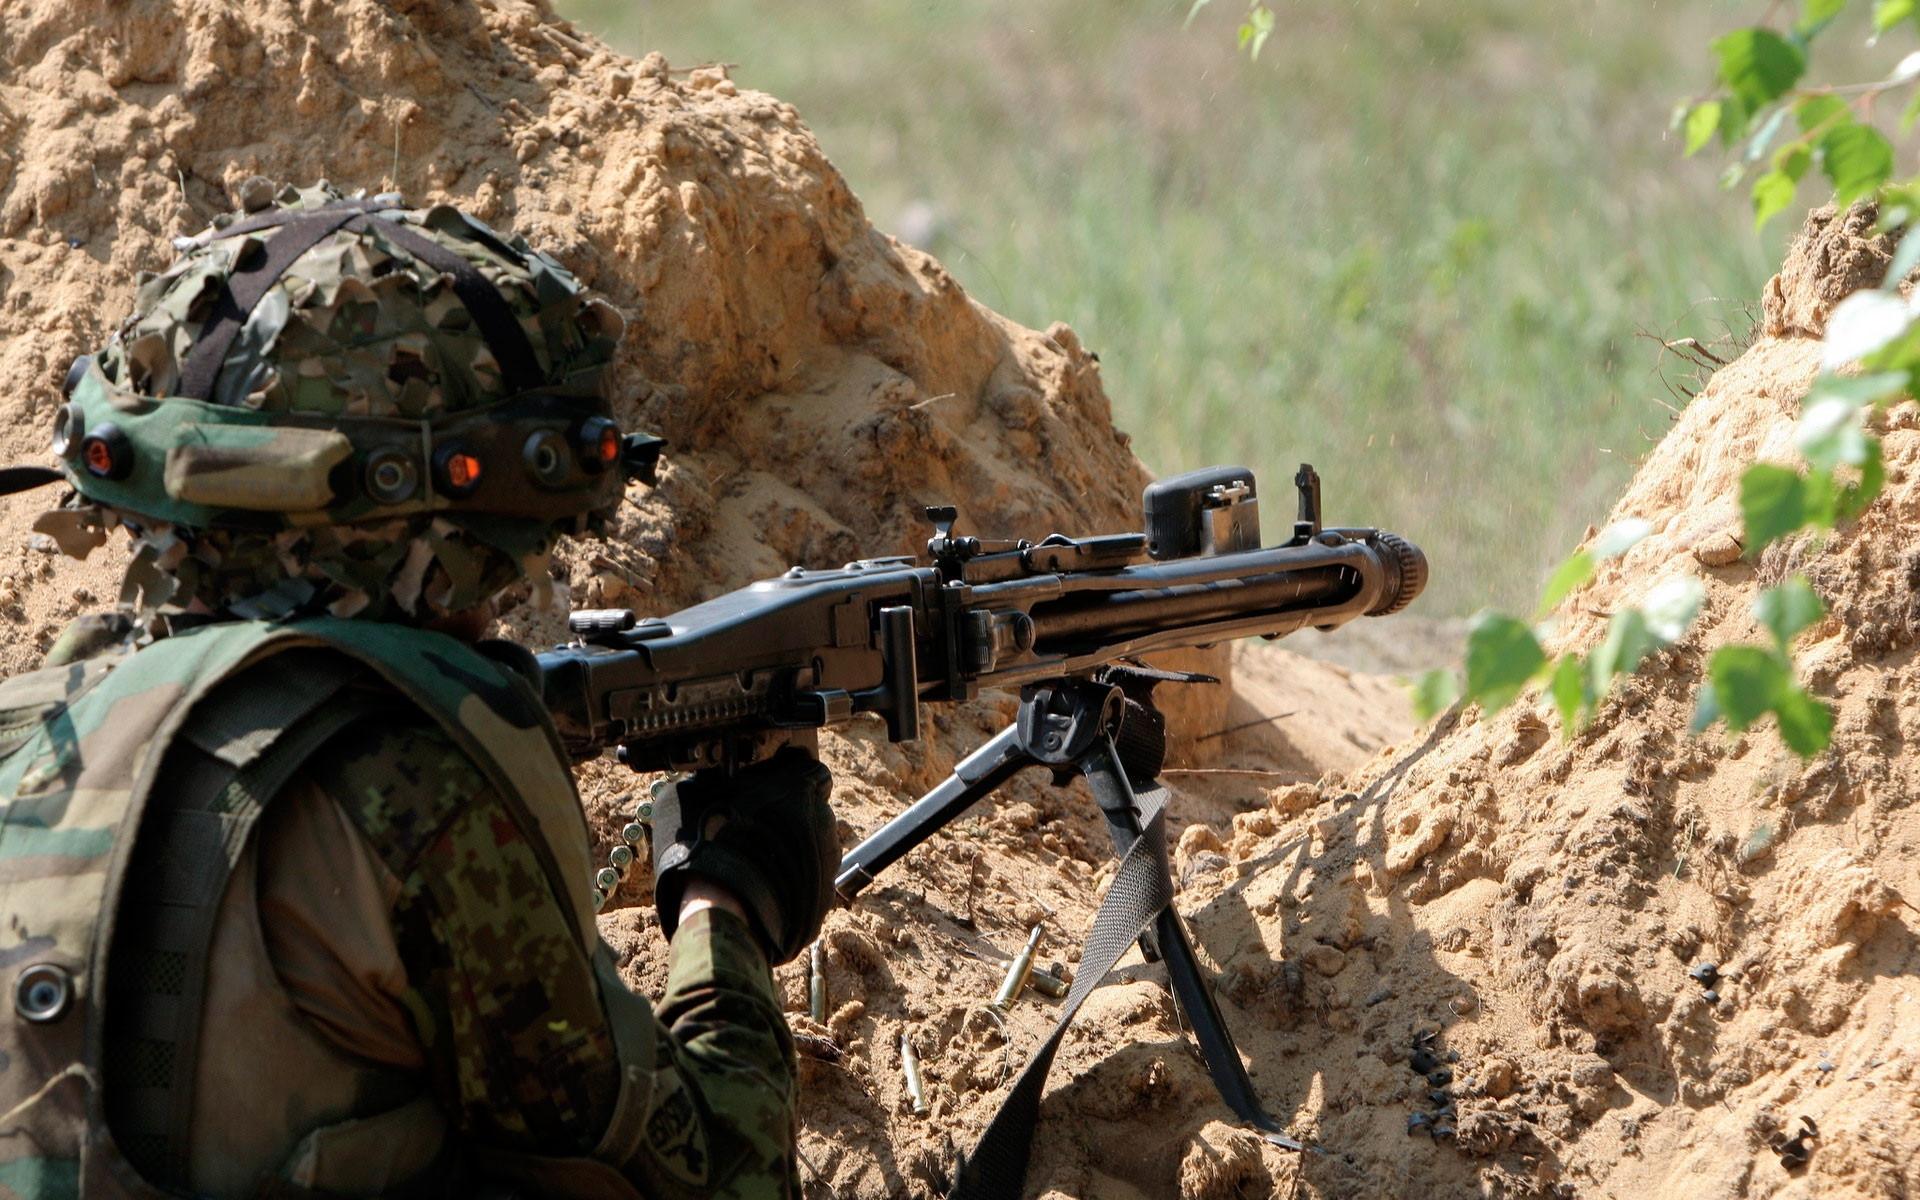 Kremlin Cənubi Qafqaza qoşun yeritmək üçün yeni ssenarisi: Özünə qarşı çevriləcək?